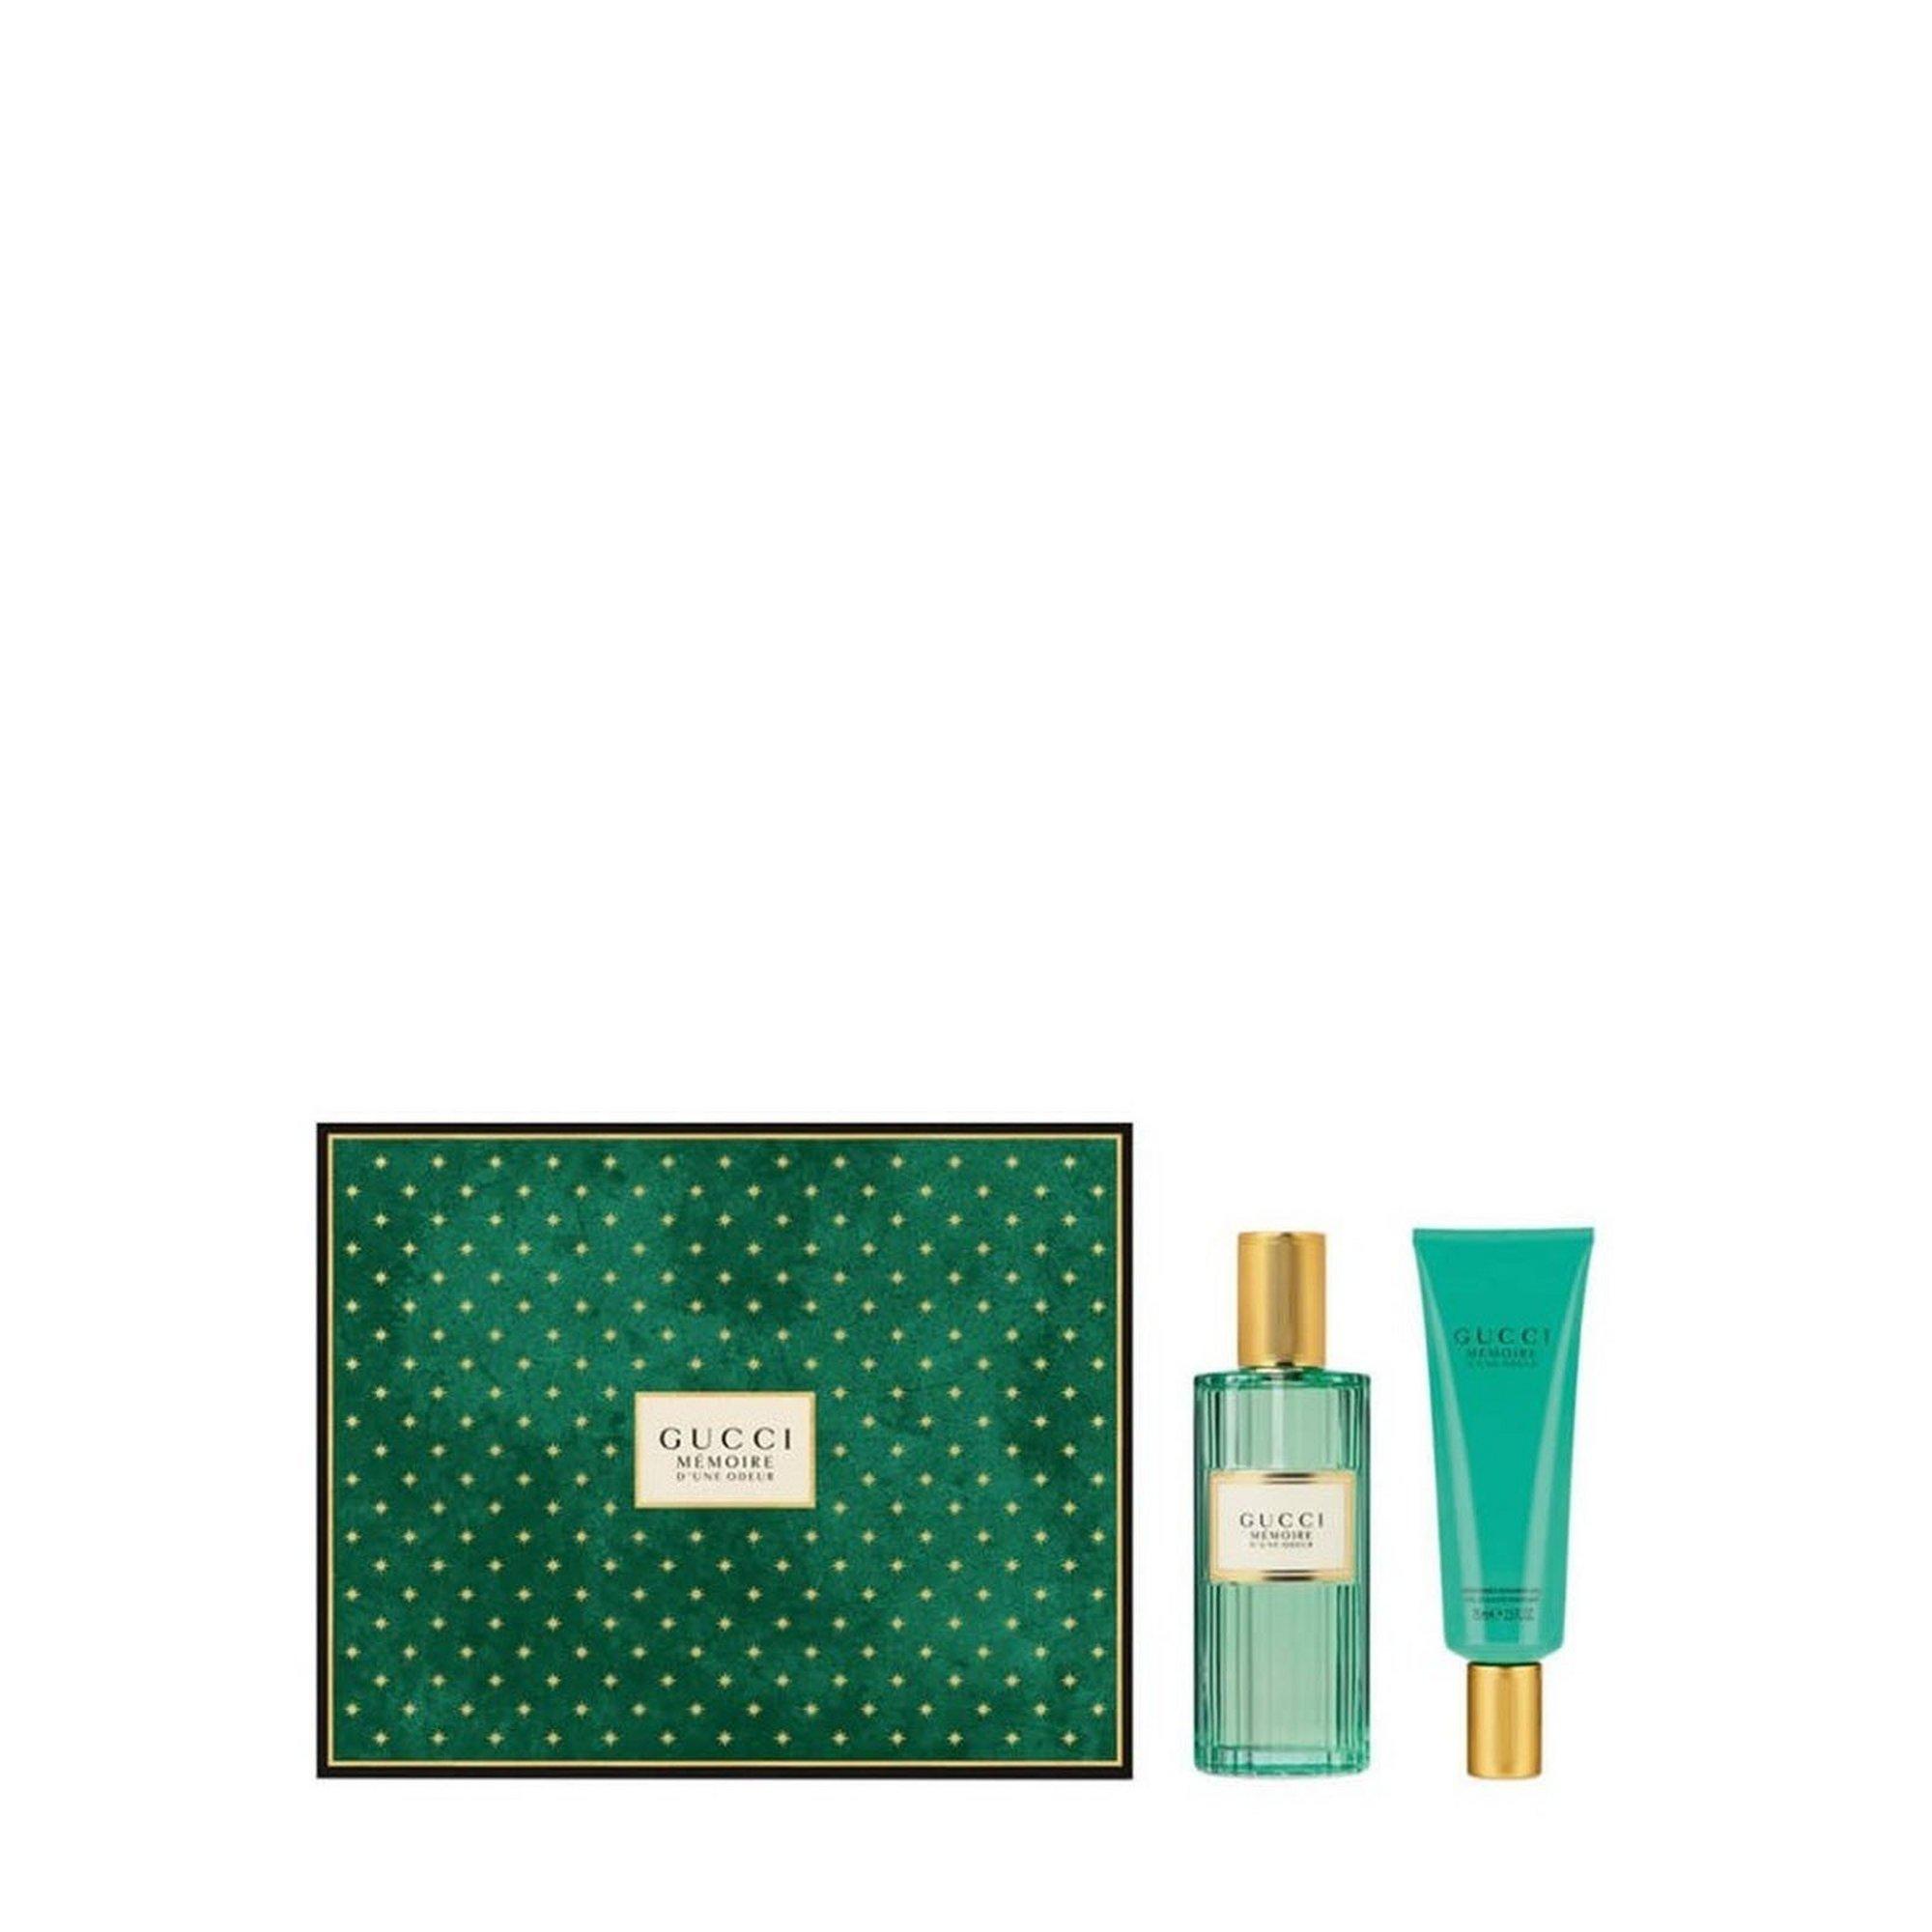 Image of Gucci Memoire Dune Odeur 100ml EDP Gift Set